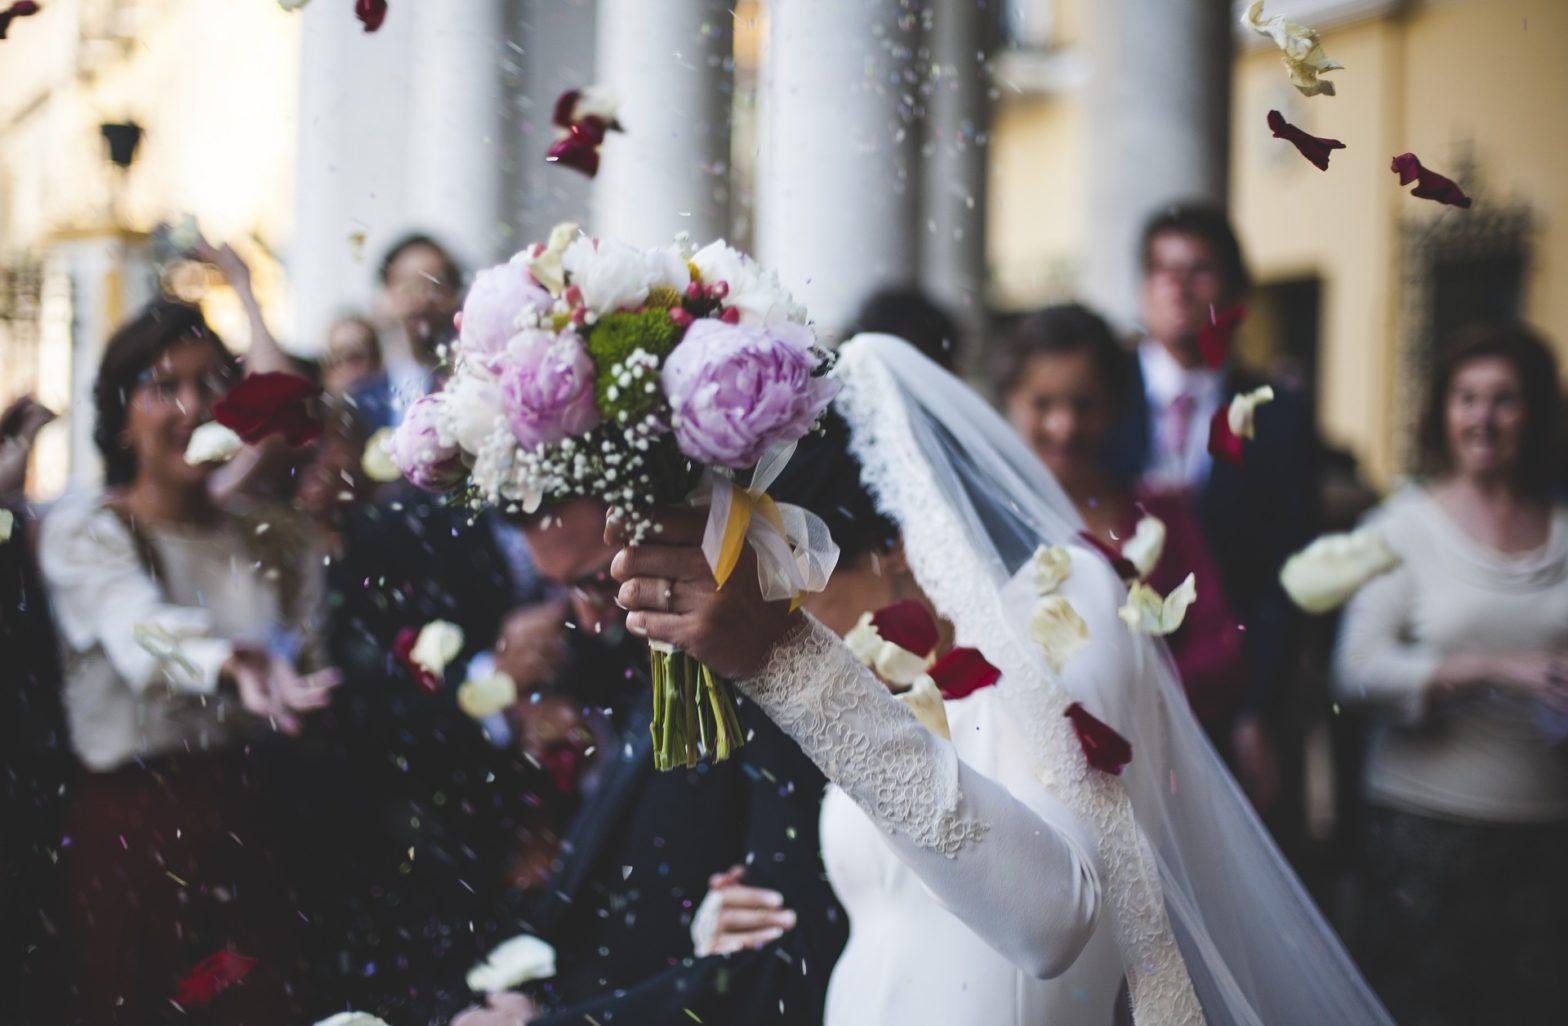 Ślub i wesele – wielkie wyzwanie przyszłej pary młodej